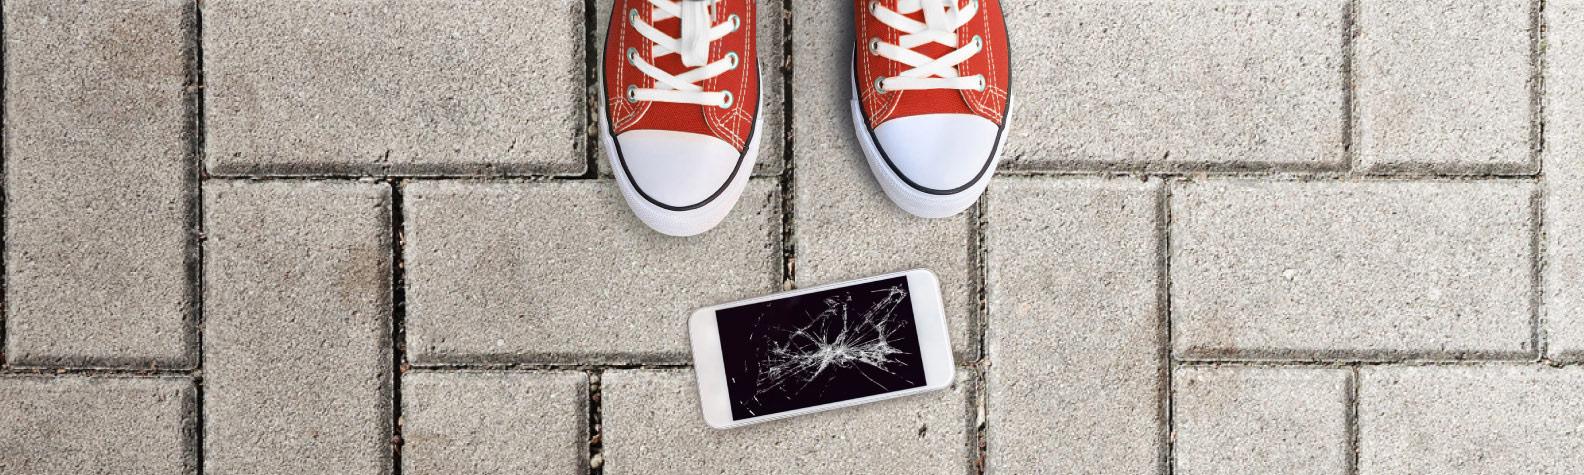 Osiguranje ekrana mobilnog telefona